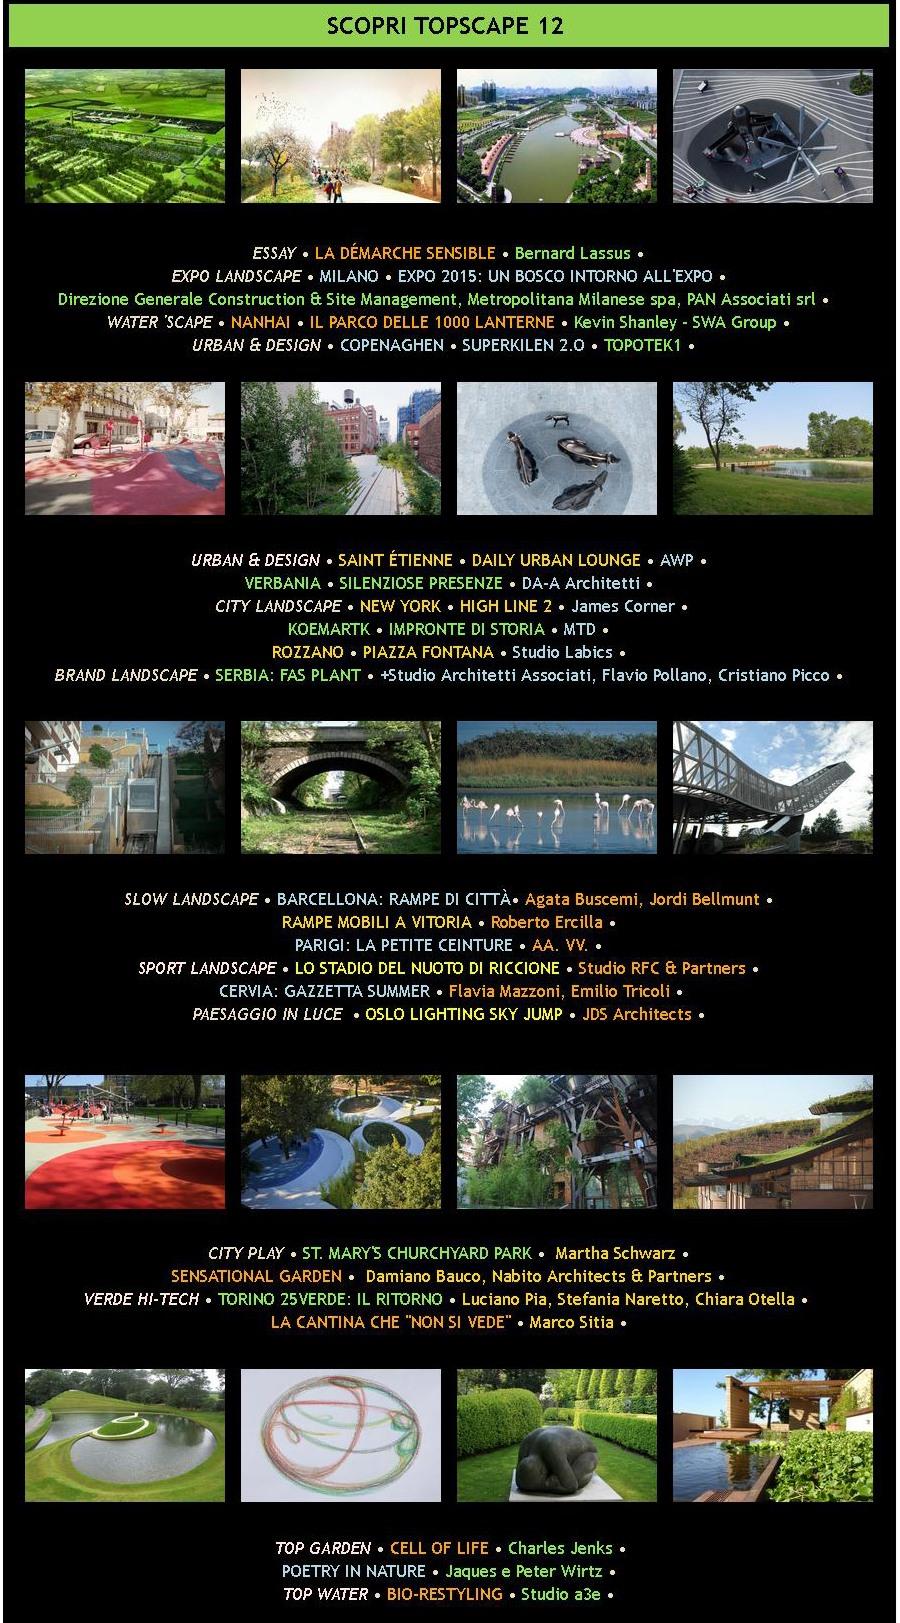 Studio Architettura Paesaggio Milano topscape 12 - picture gallery